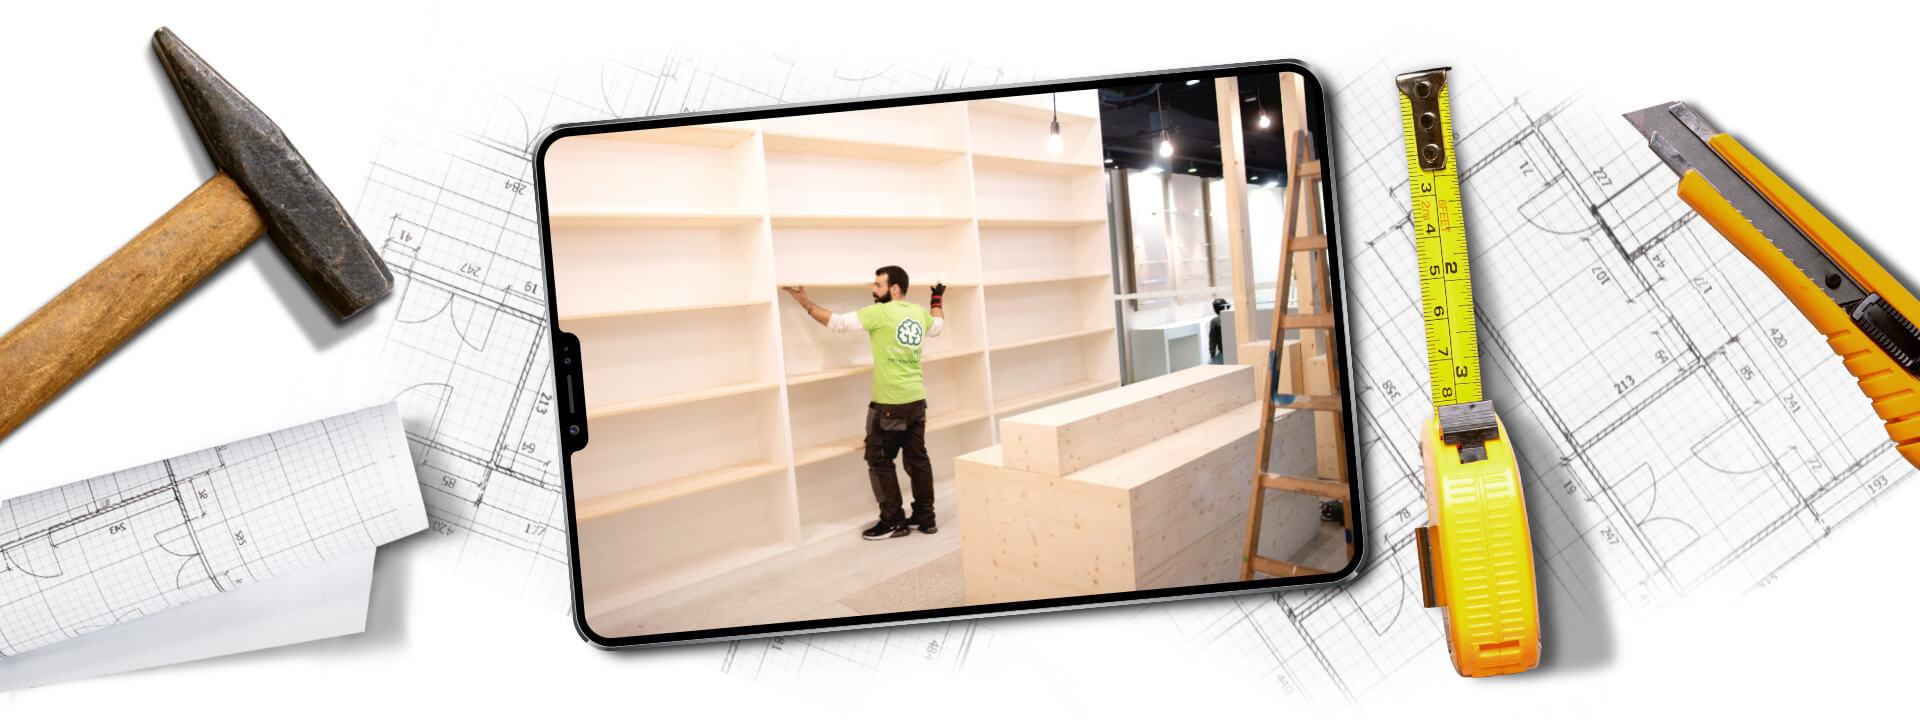 Innenausbau und Ladenbau mit 3D-Raumgestaltung